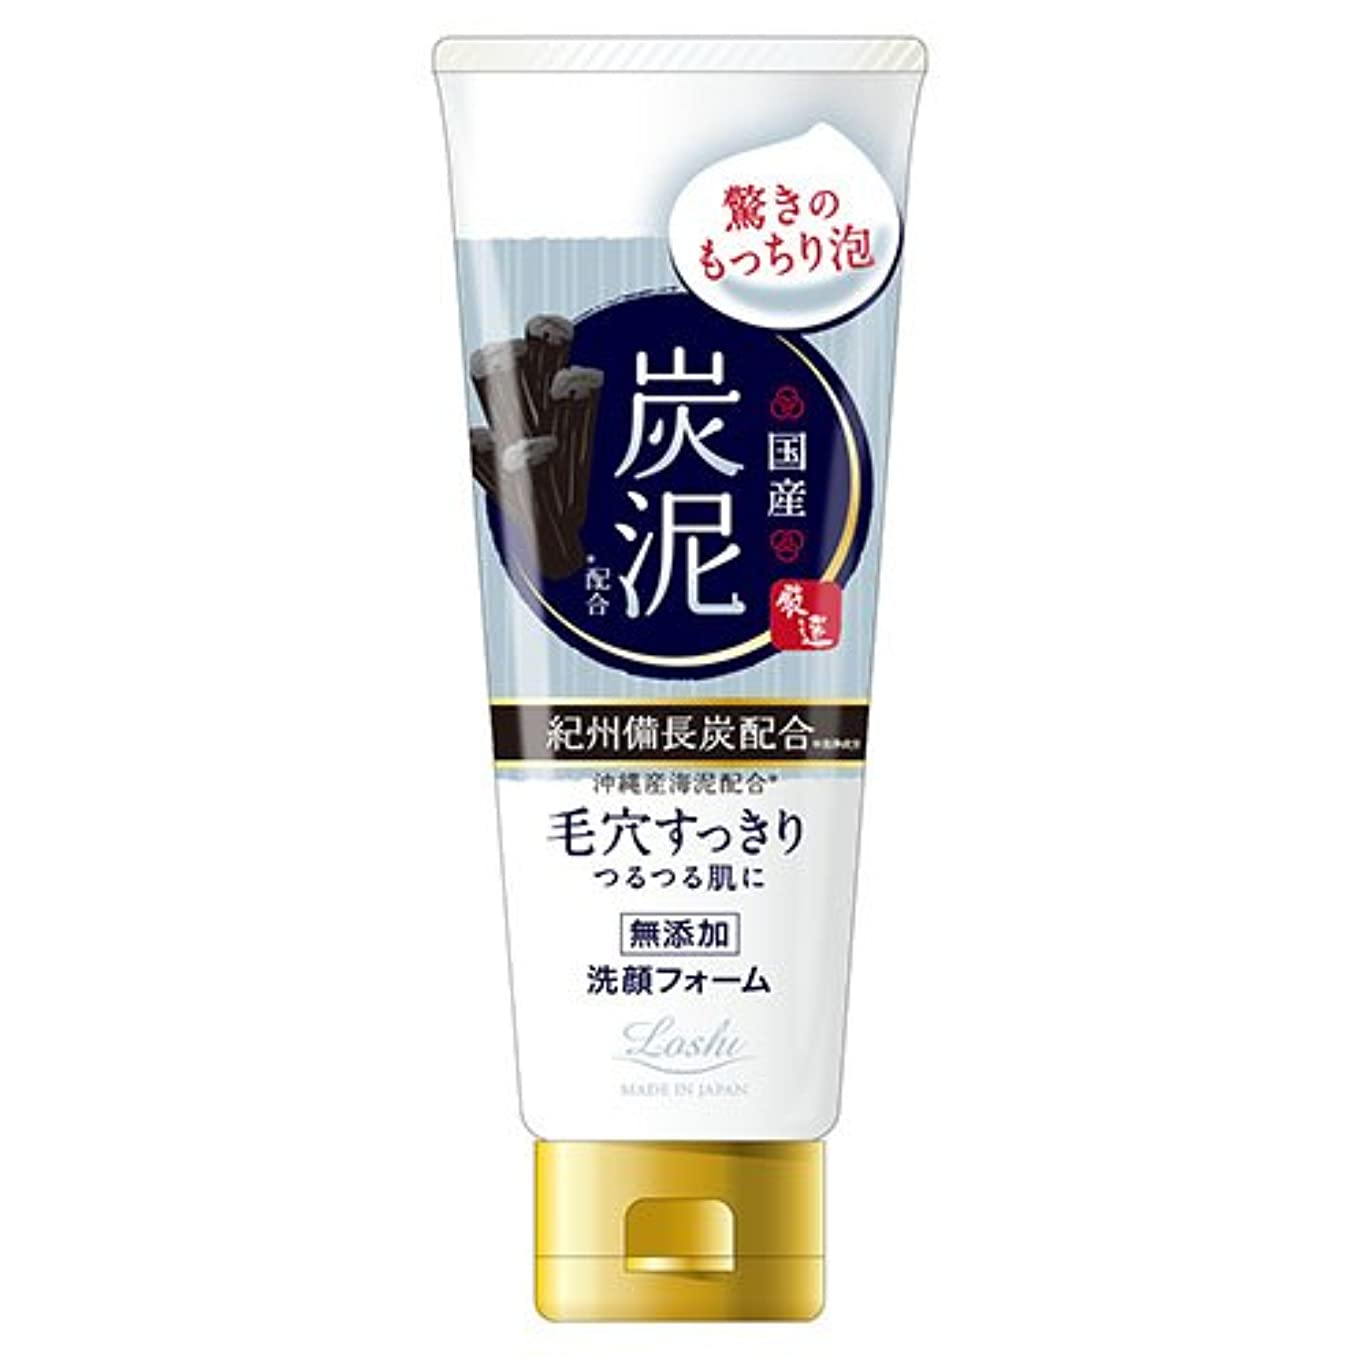 錫カポック連想ロッシモイストエイド 国産 ホイップ洗顔 炭泥 120g